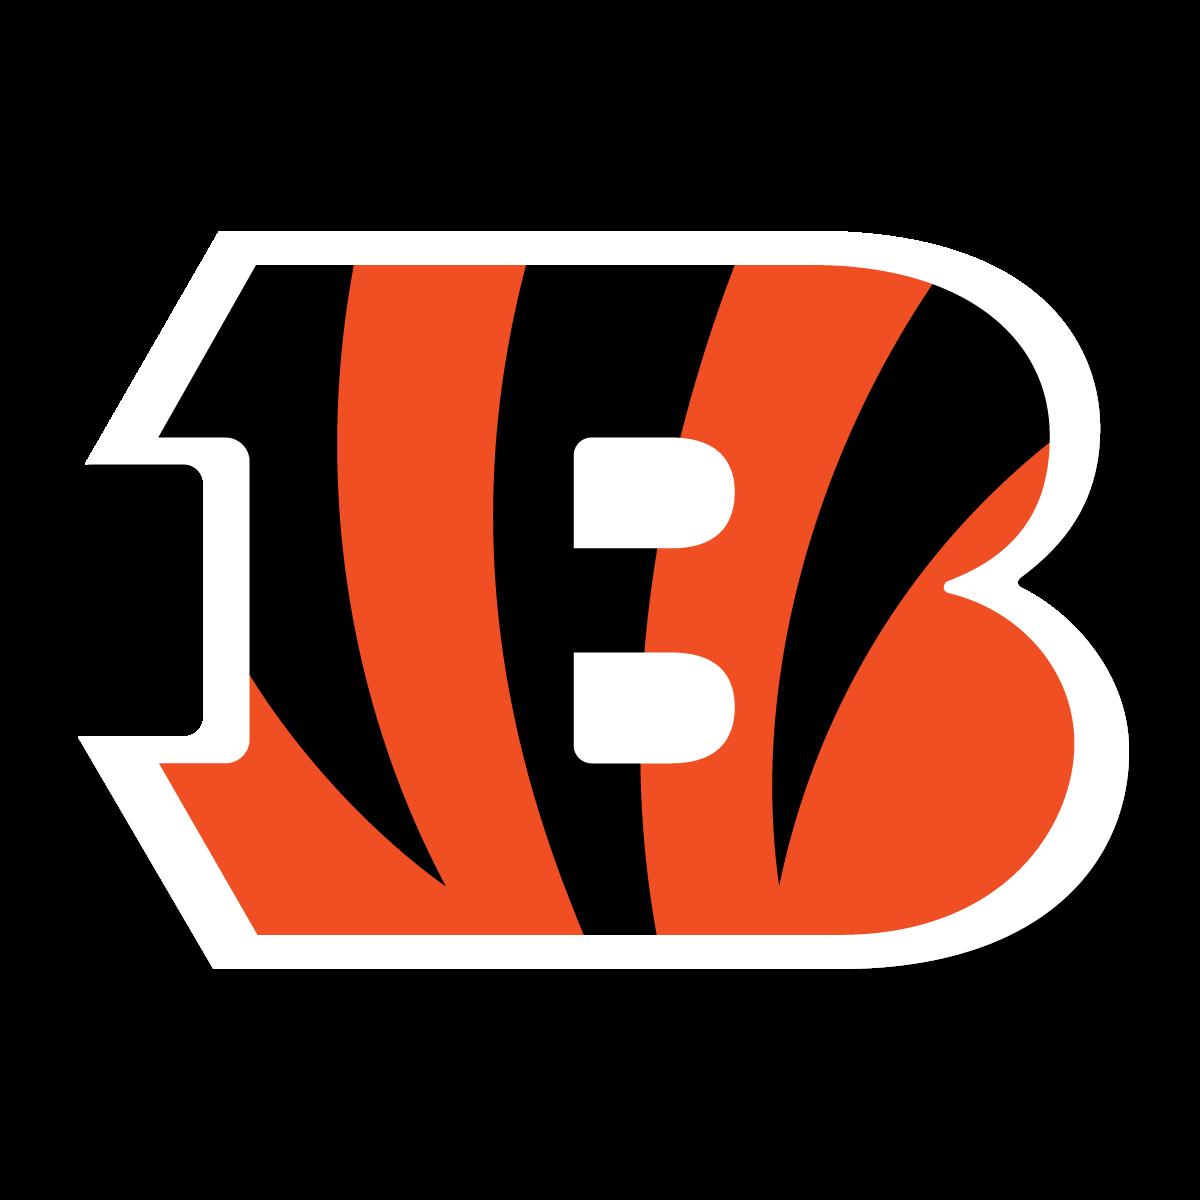 1200x1200 Cincinnati Bengals Logot Transparent Png